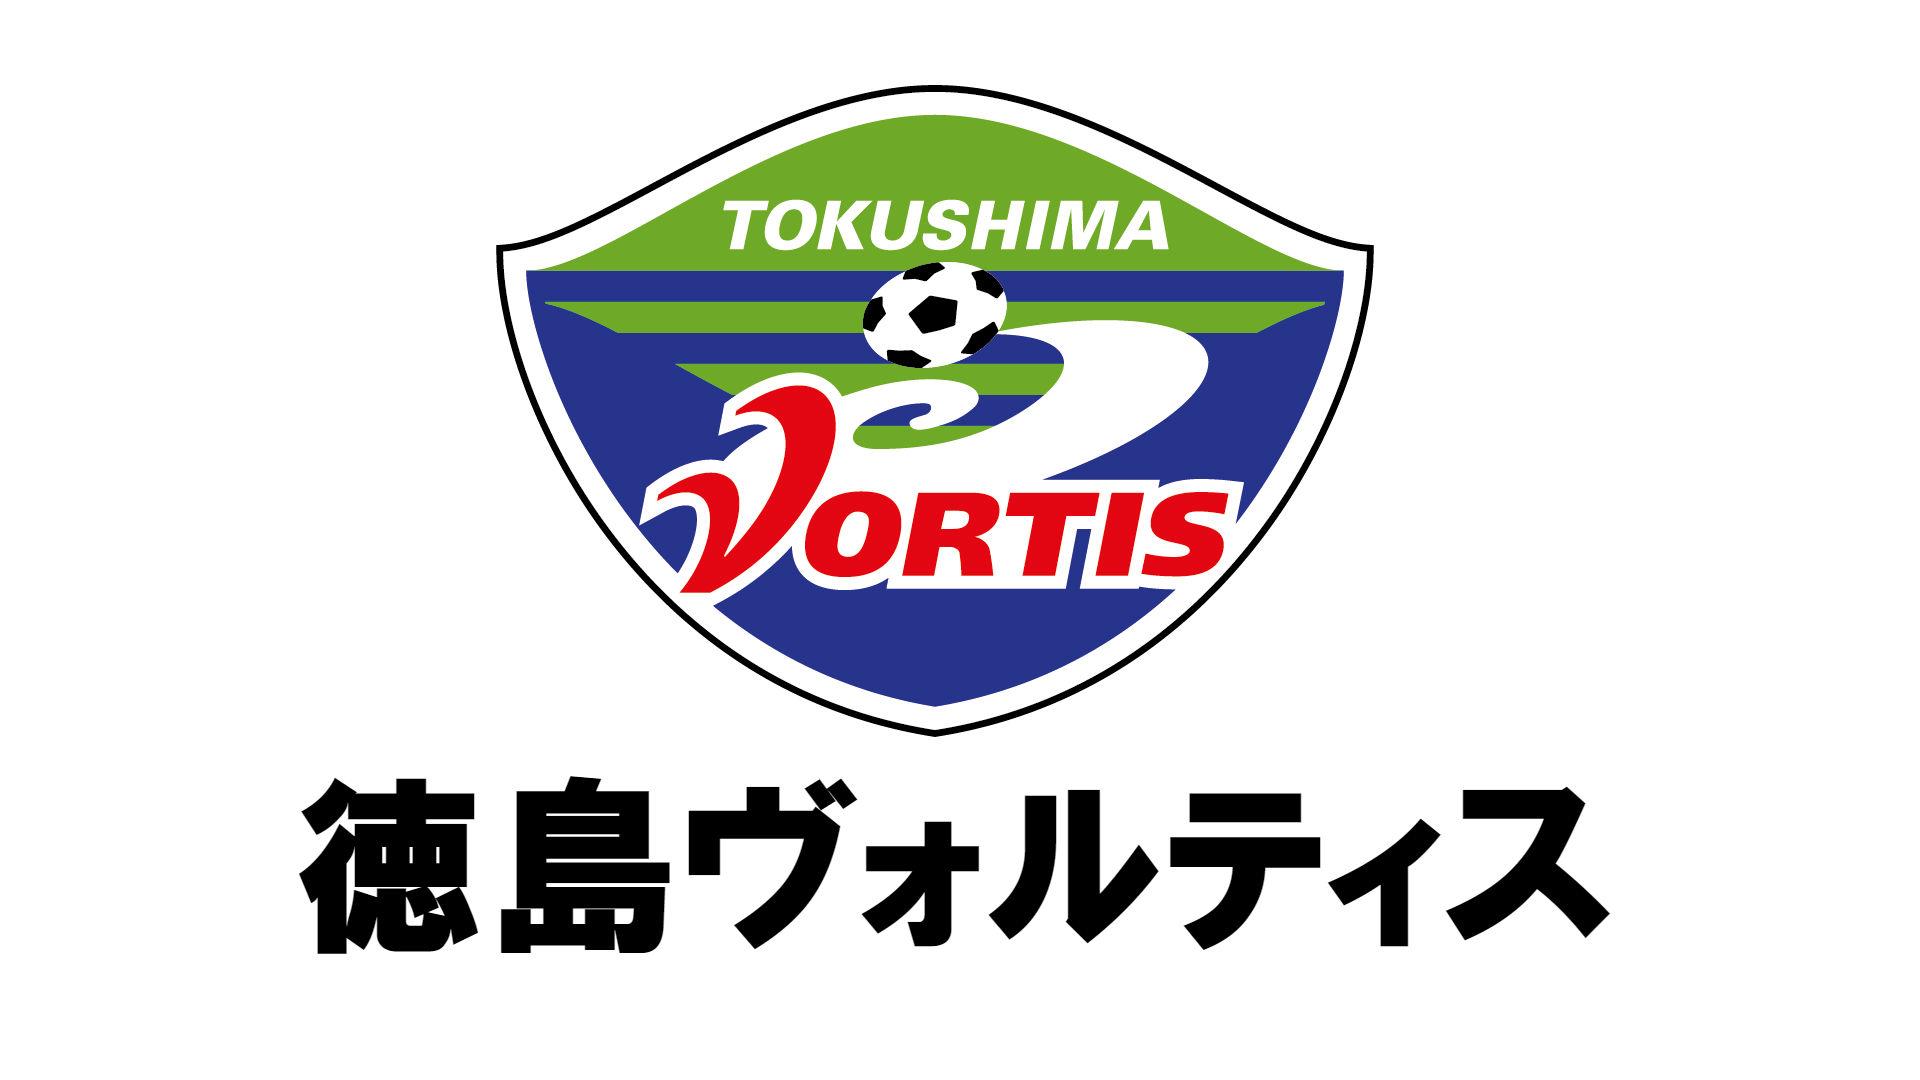 徳島ヴォルティス.jpg